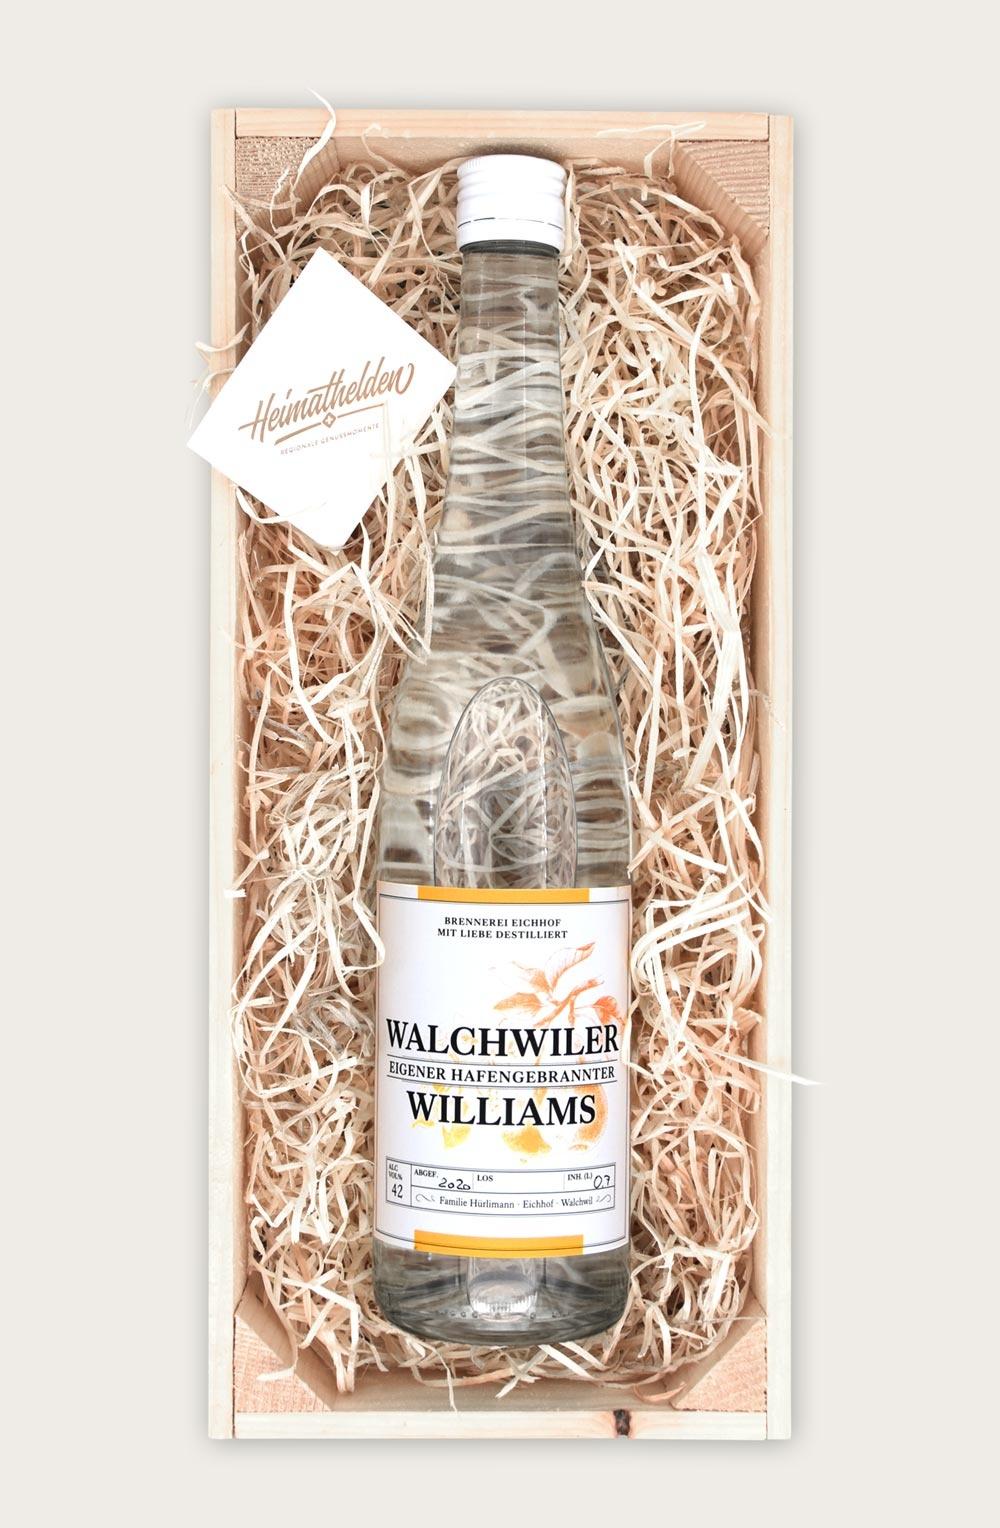 Walchwiler Williams 70cl in schöner Geschenkharasse-2